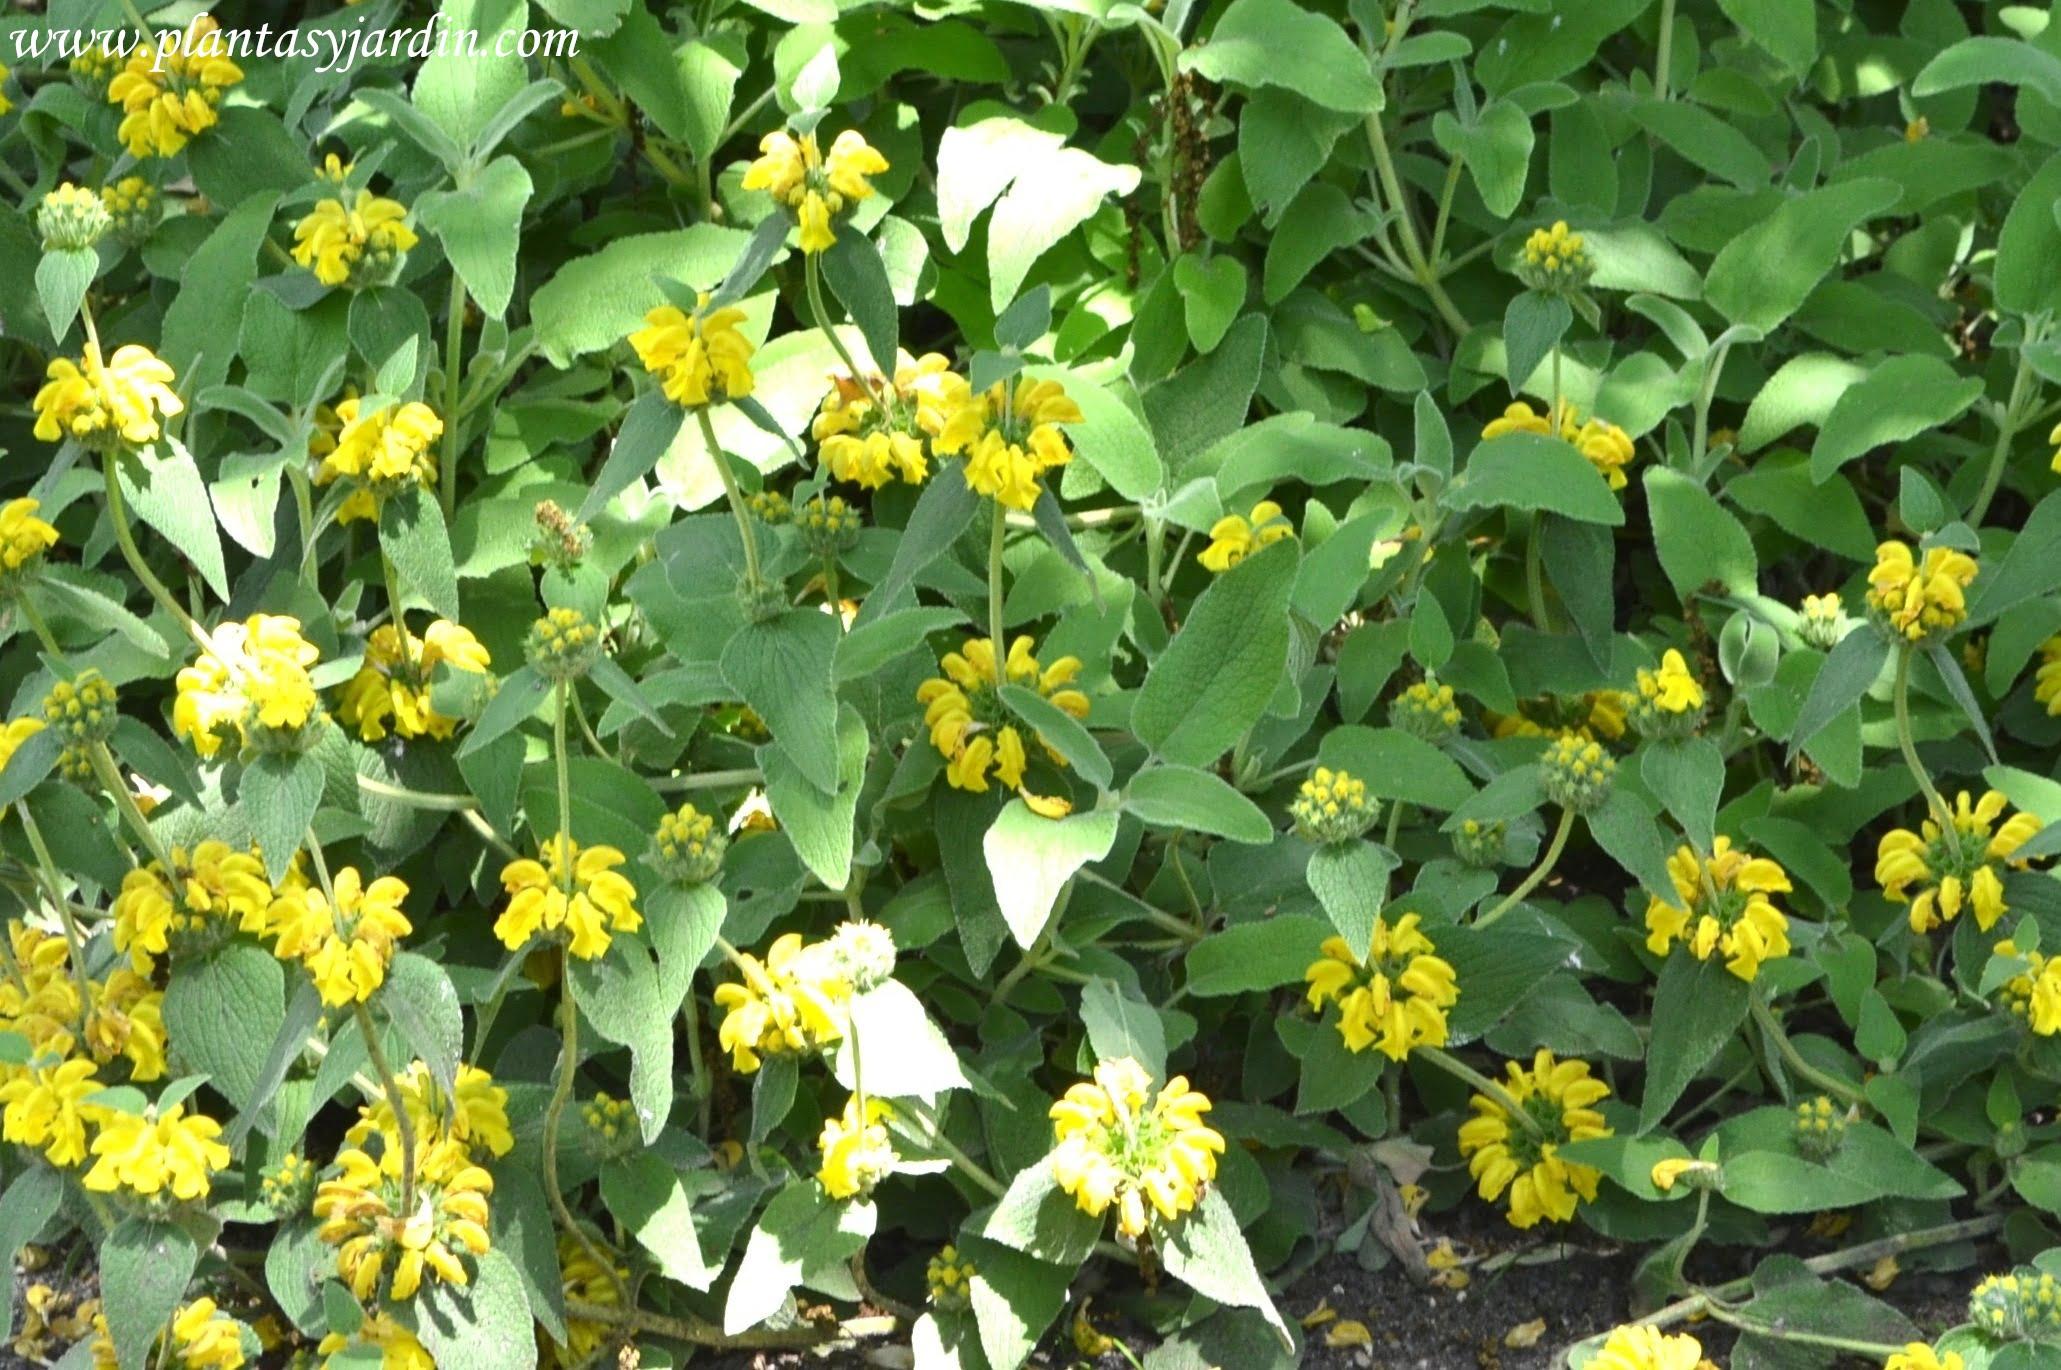 Phlomis fruticosa, florecida en la primavera.